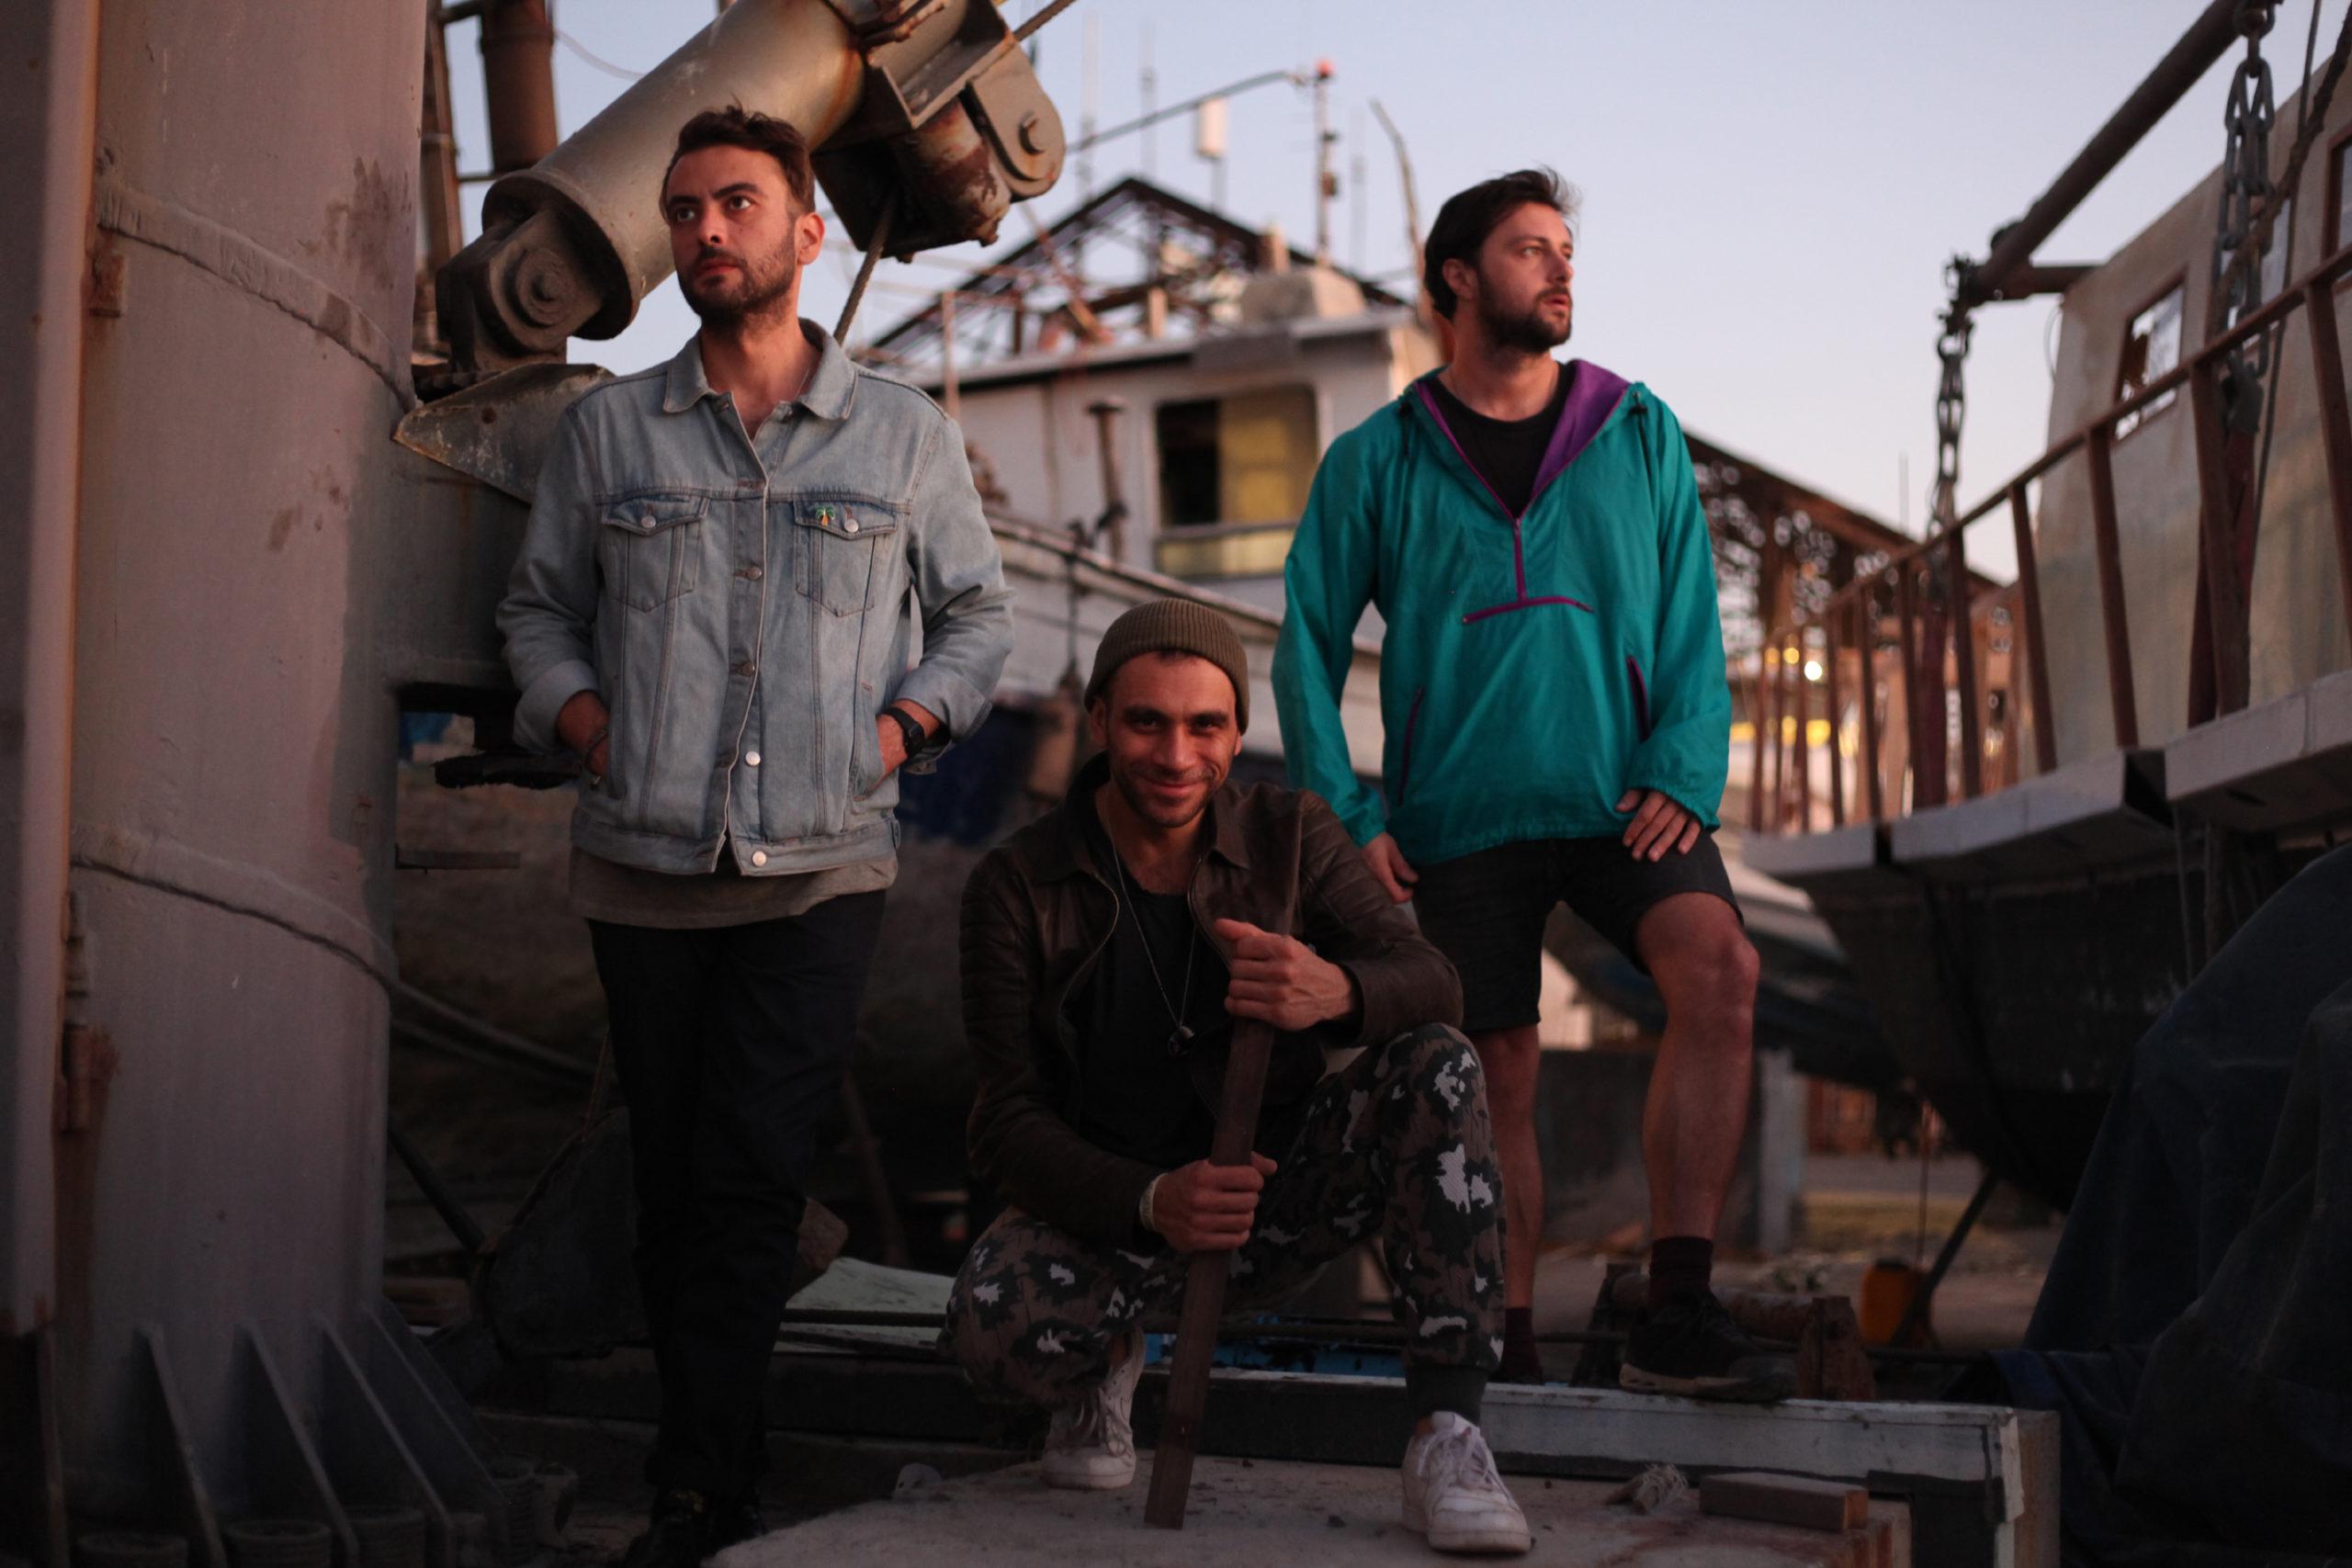 Islandman Trio